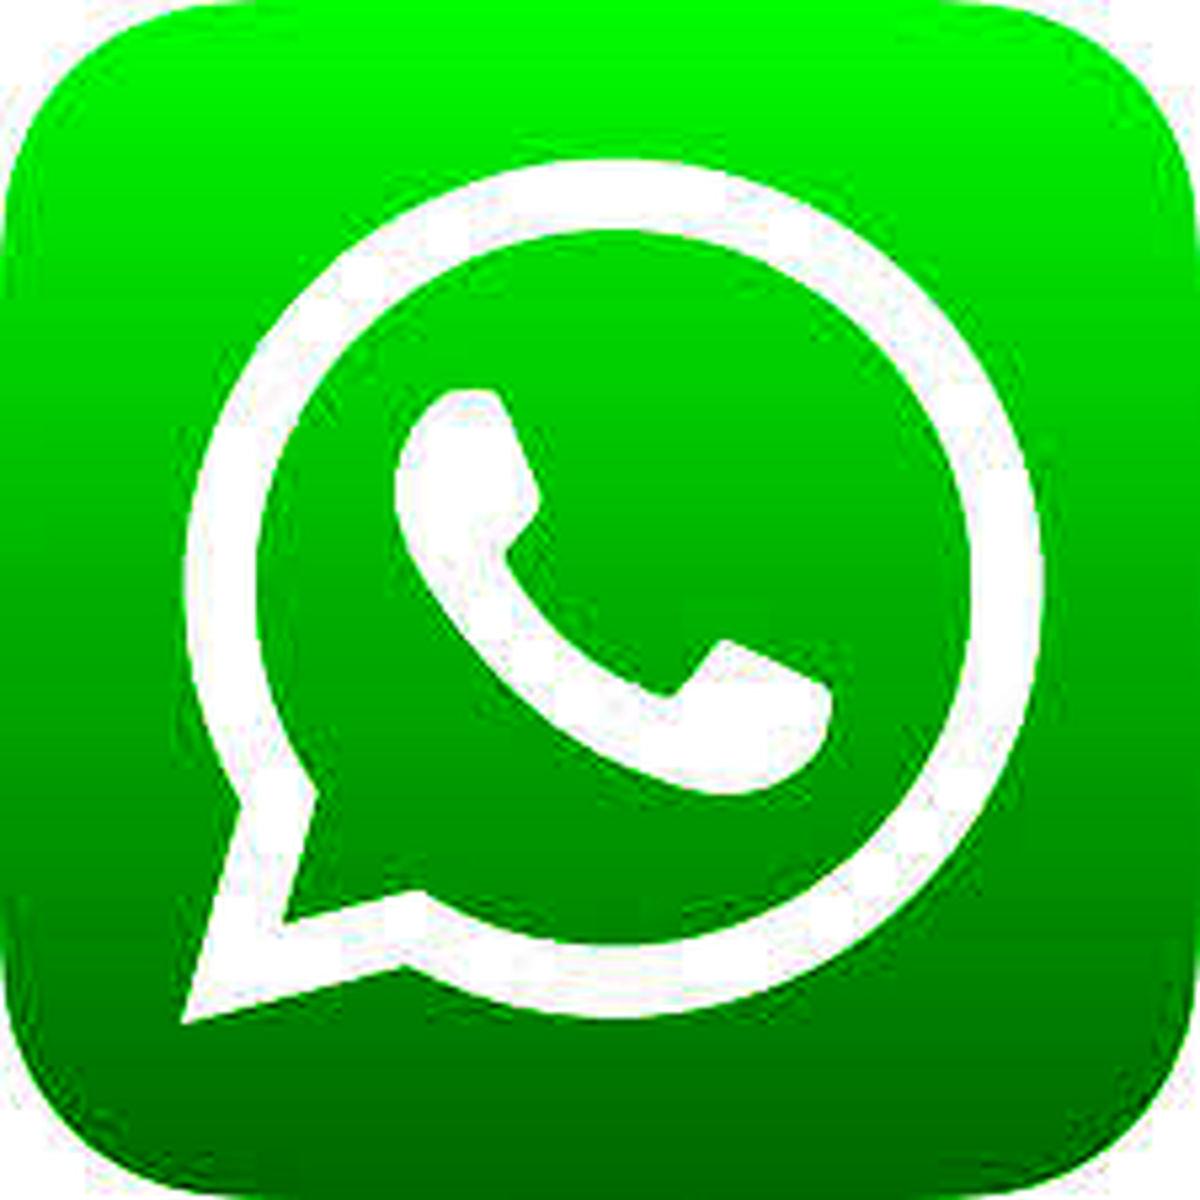 خبر بد| واتساپ به زودی متوقف می شود